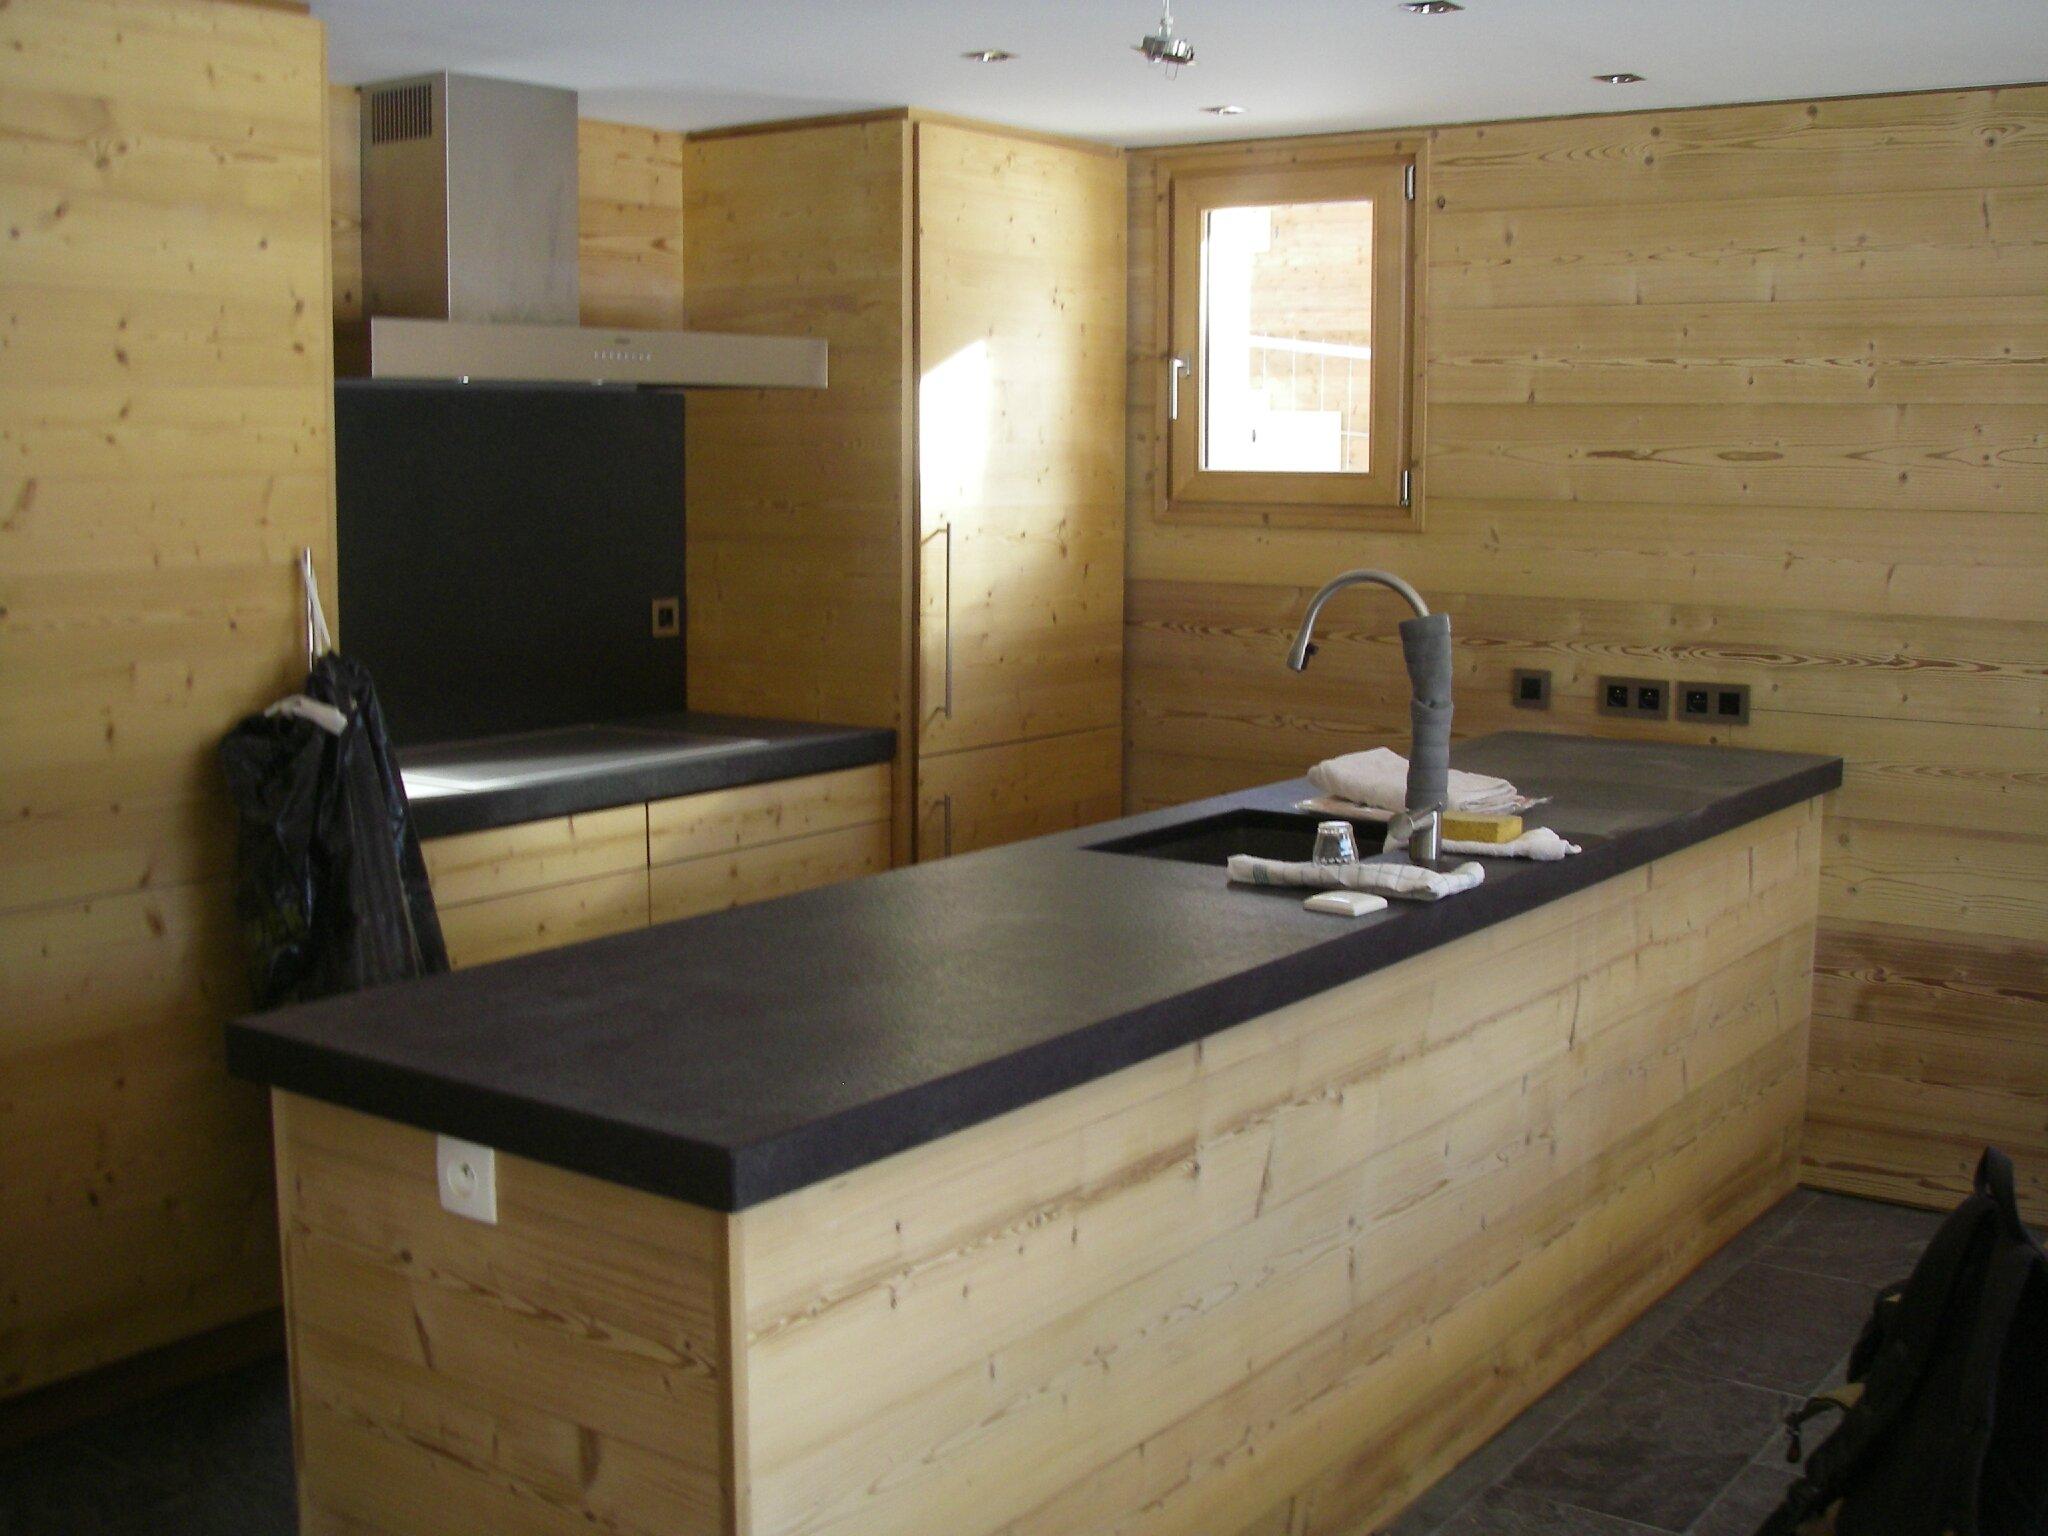 Cuisine photo de agencement int rieur d 39 un appartement for Agencement interieur cuisine